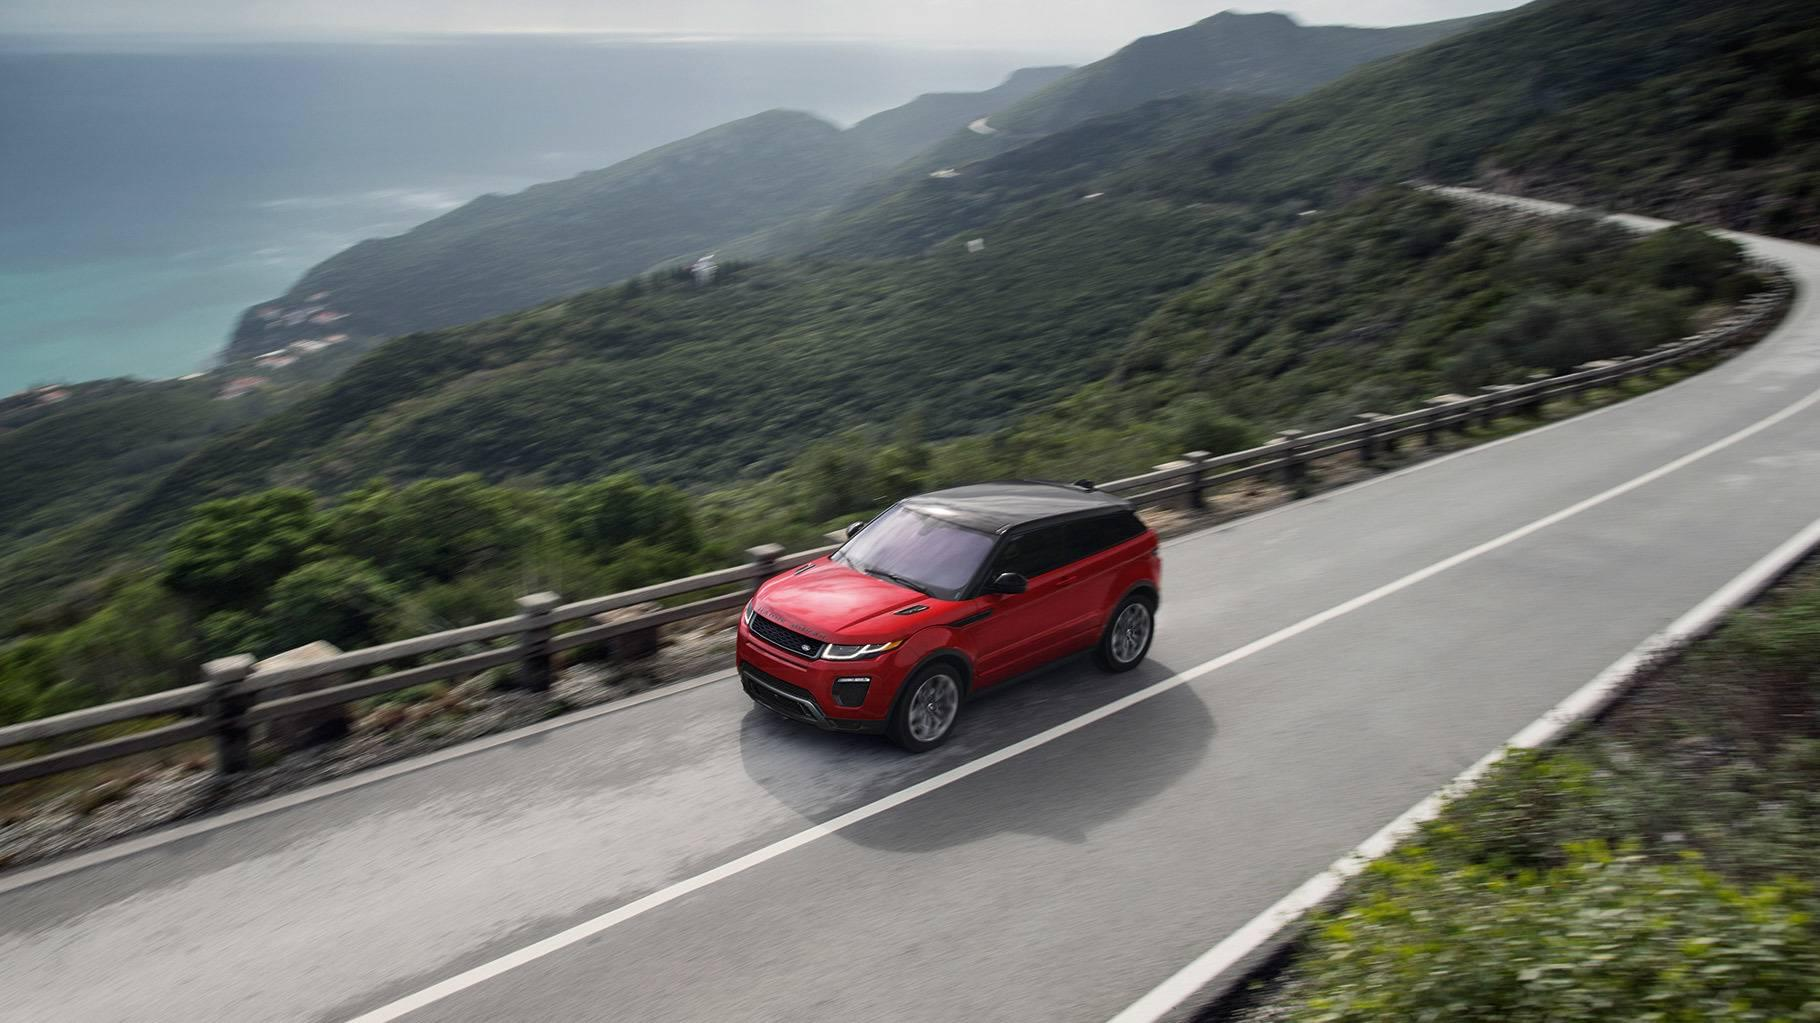 2017 Land Rover Range Rover Evoque Exterior red